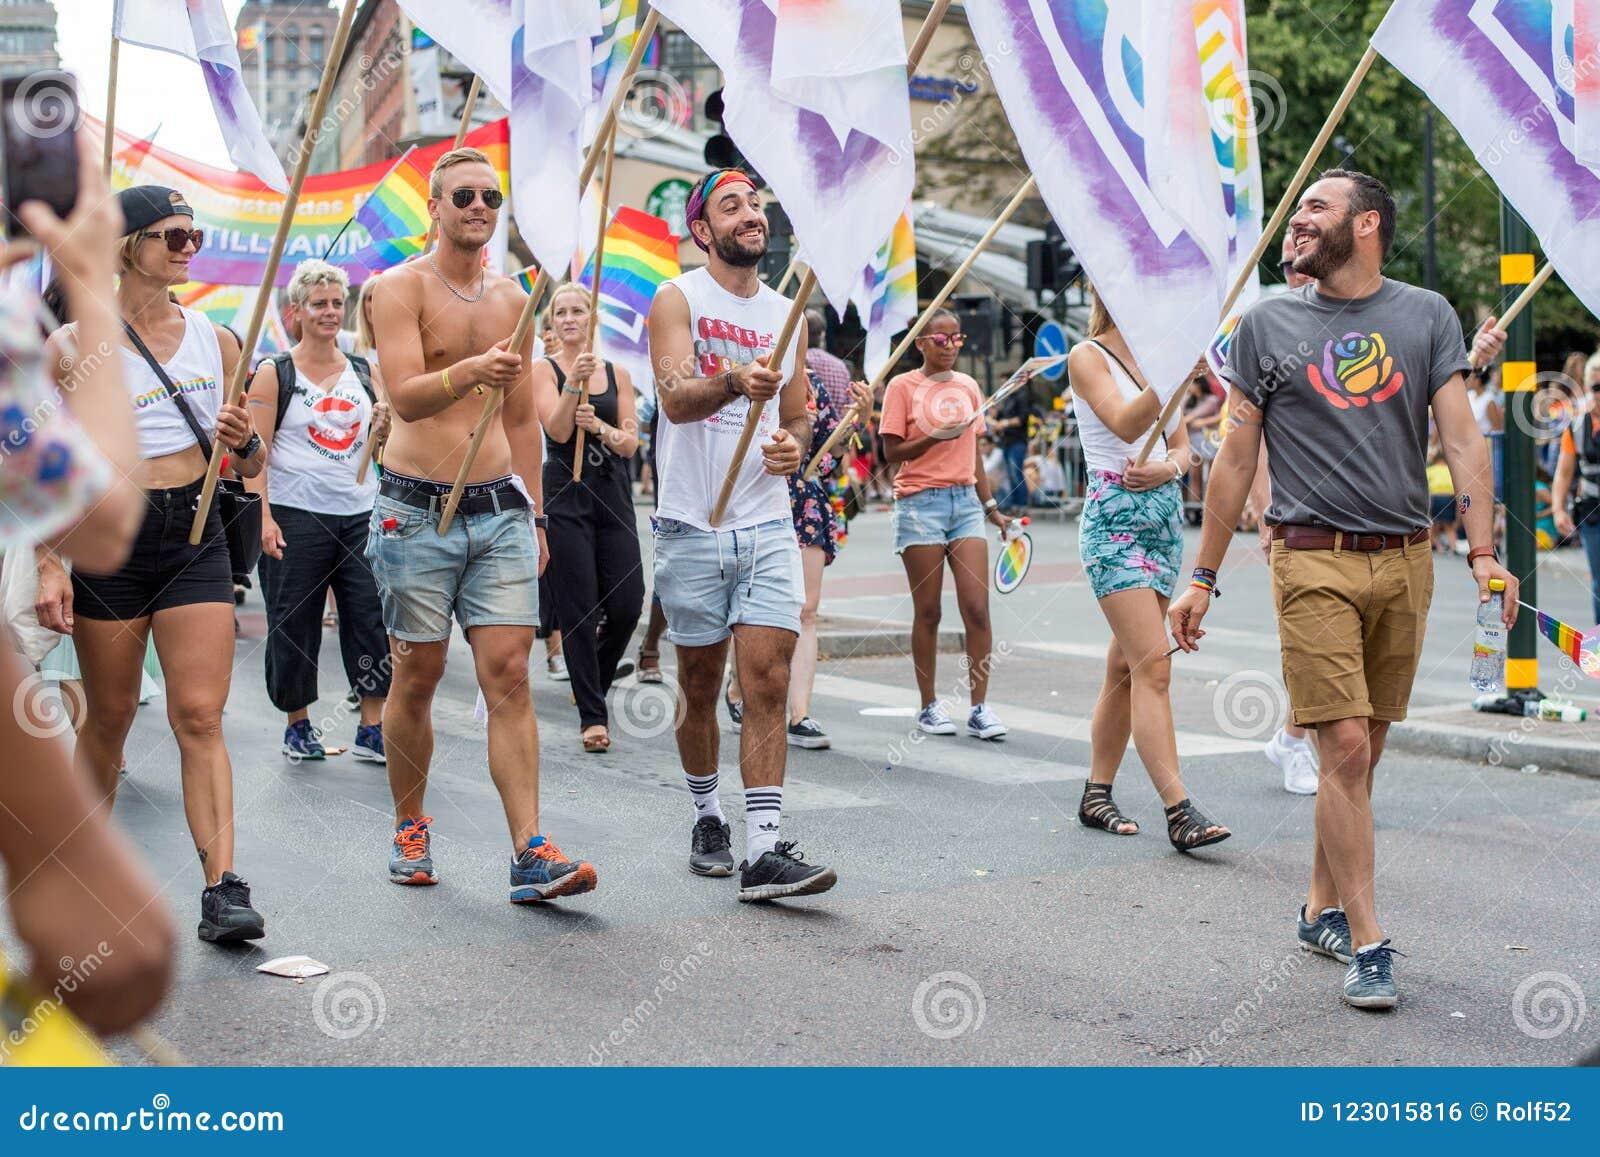 EuroPride 2018 com Éstocolmo Pride Parade